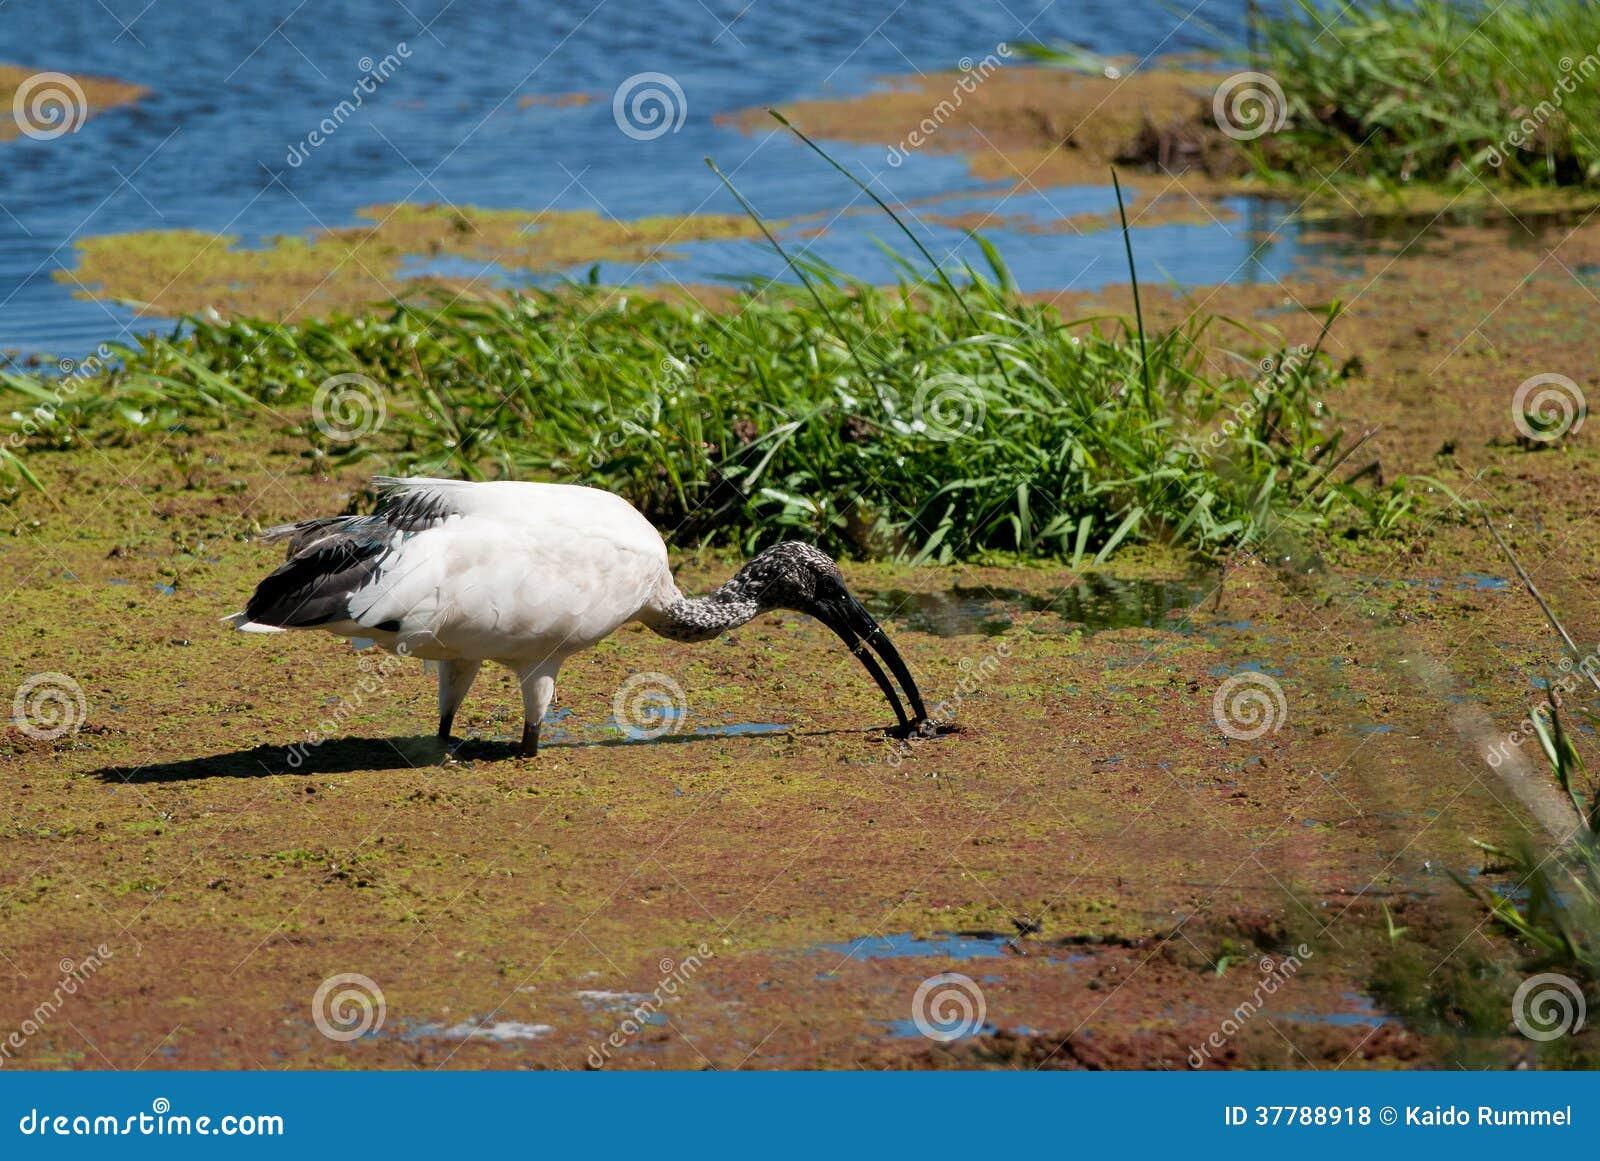 Świętego ibisa karmienie